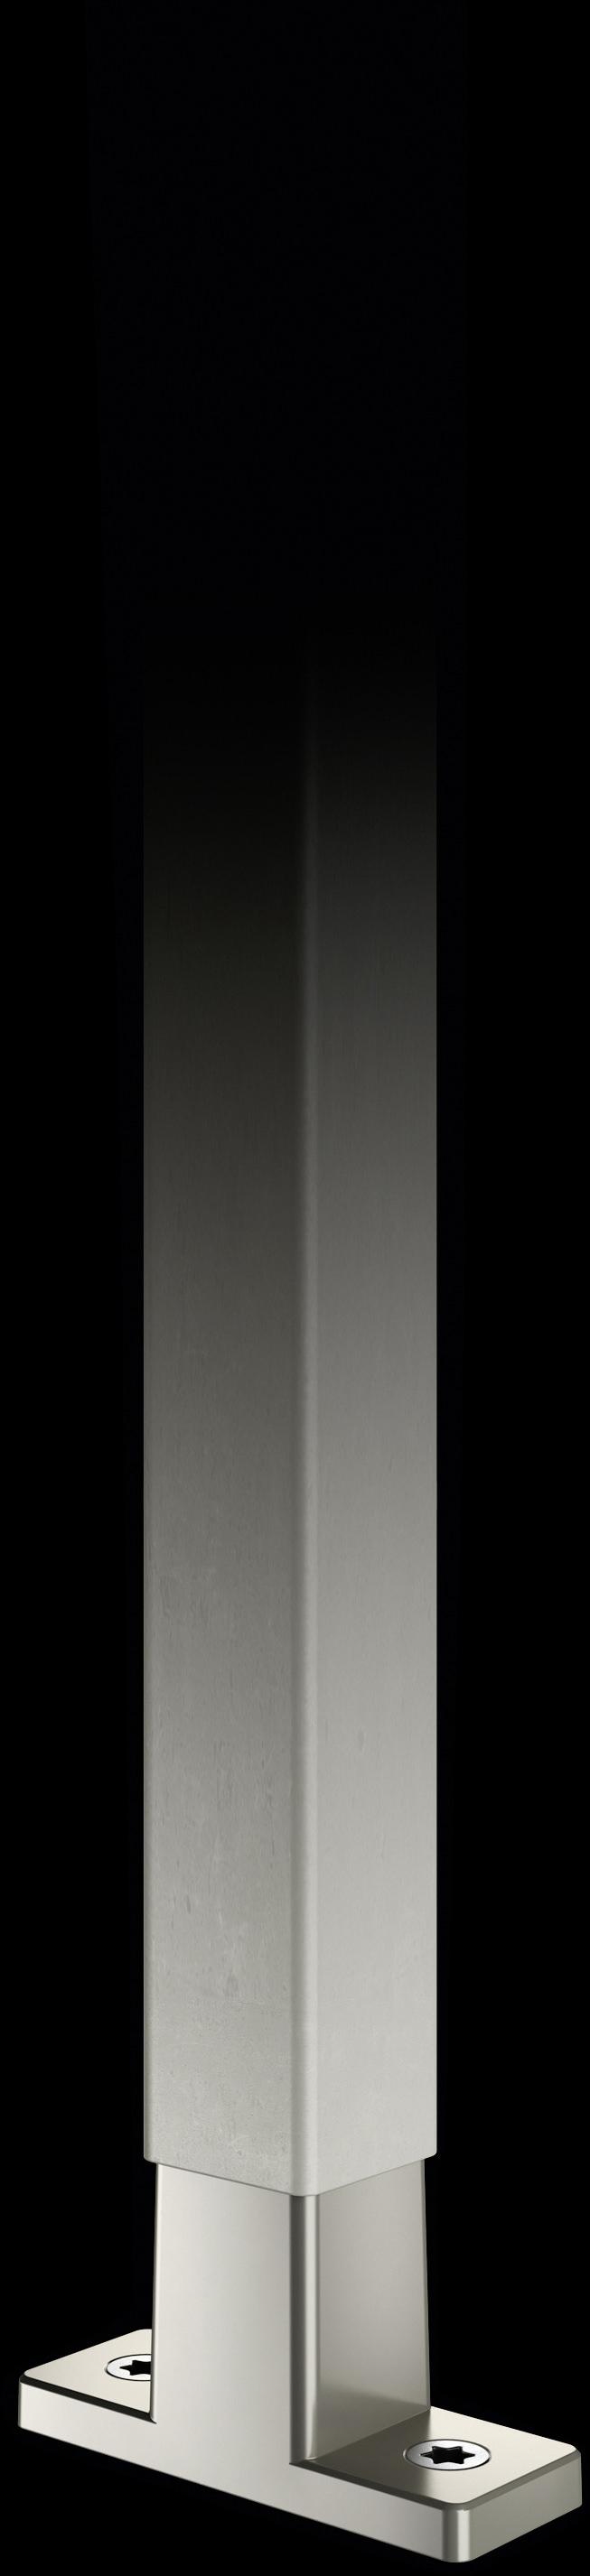 Mattnickel-Strebe mit T-Konnektor aus Mattnickel